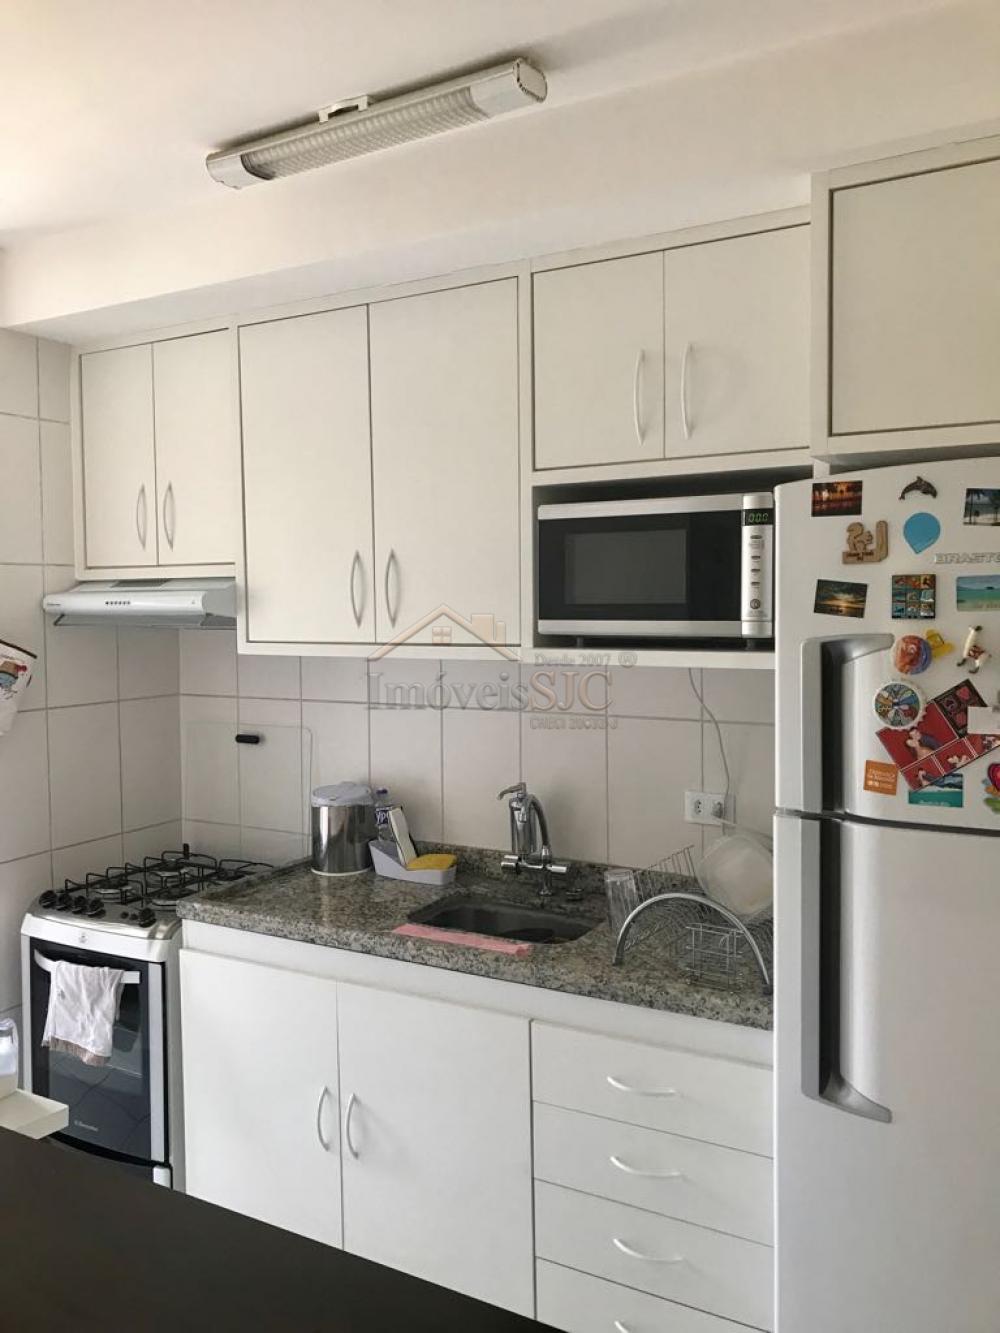 Comprar Apartamentos / Padrão em São José dos Campos apenas R$ 218.000,00 - Foto 8